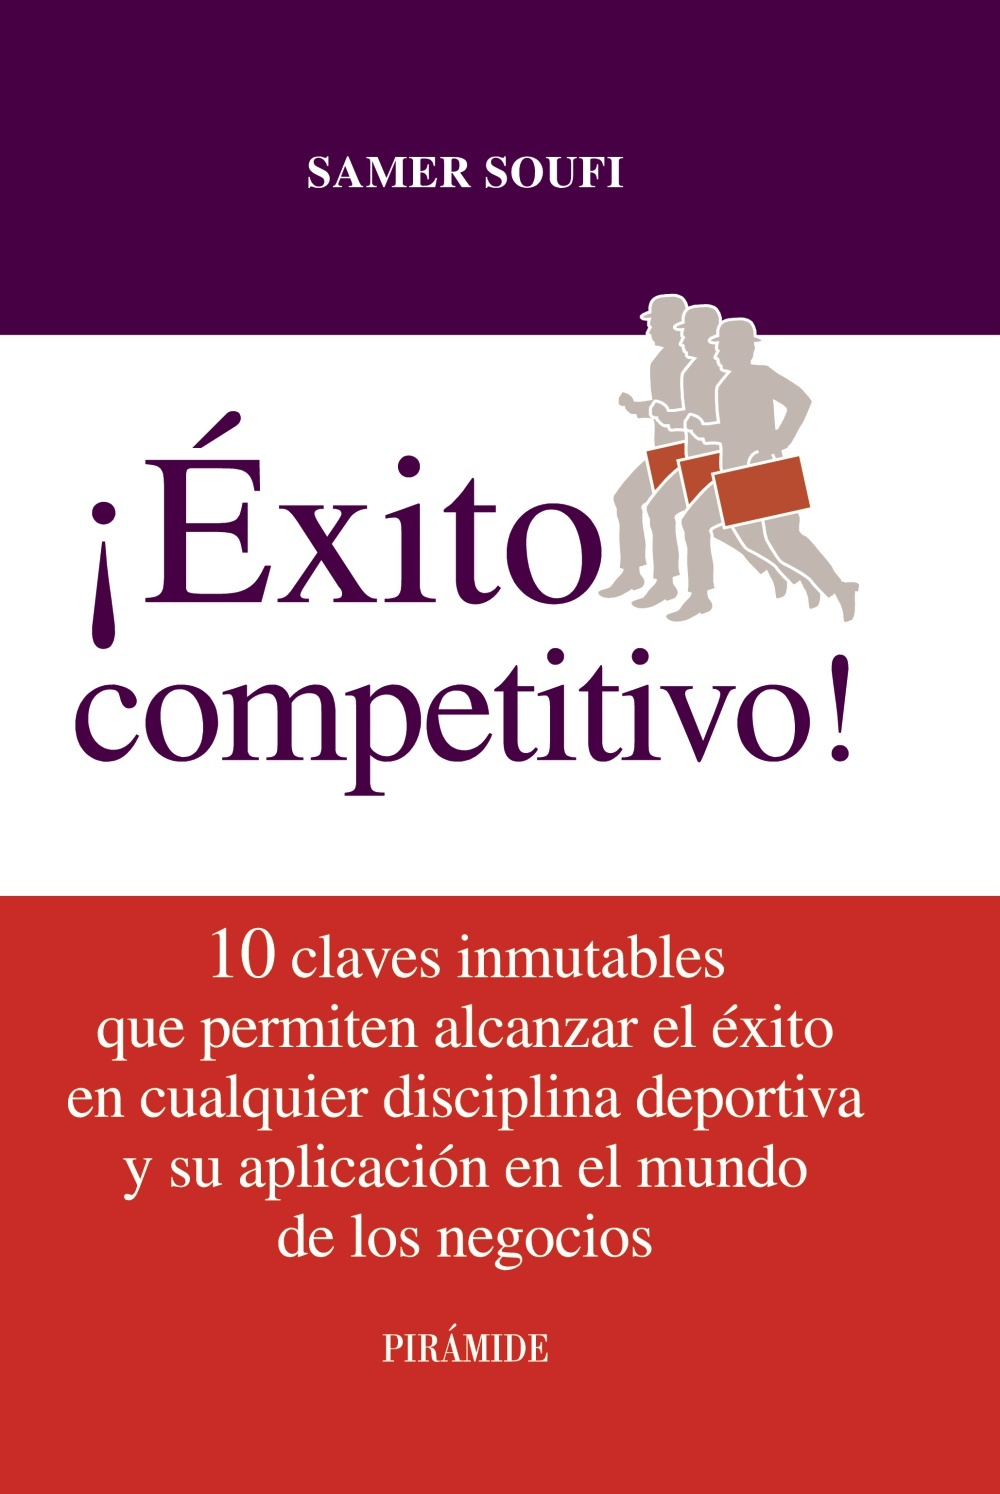 ¡ÉXITO COMPETITIVO! 10 CLAVES INMUTABLES QUE PERMITEN ALCANZAR EL ÉXITO EN CUALQUIER DISCIPLINA